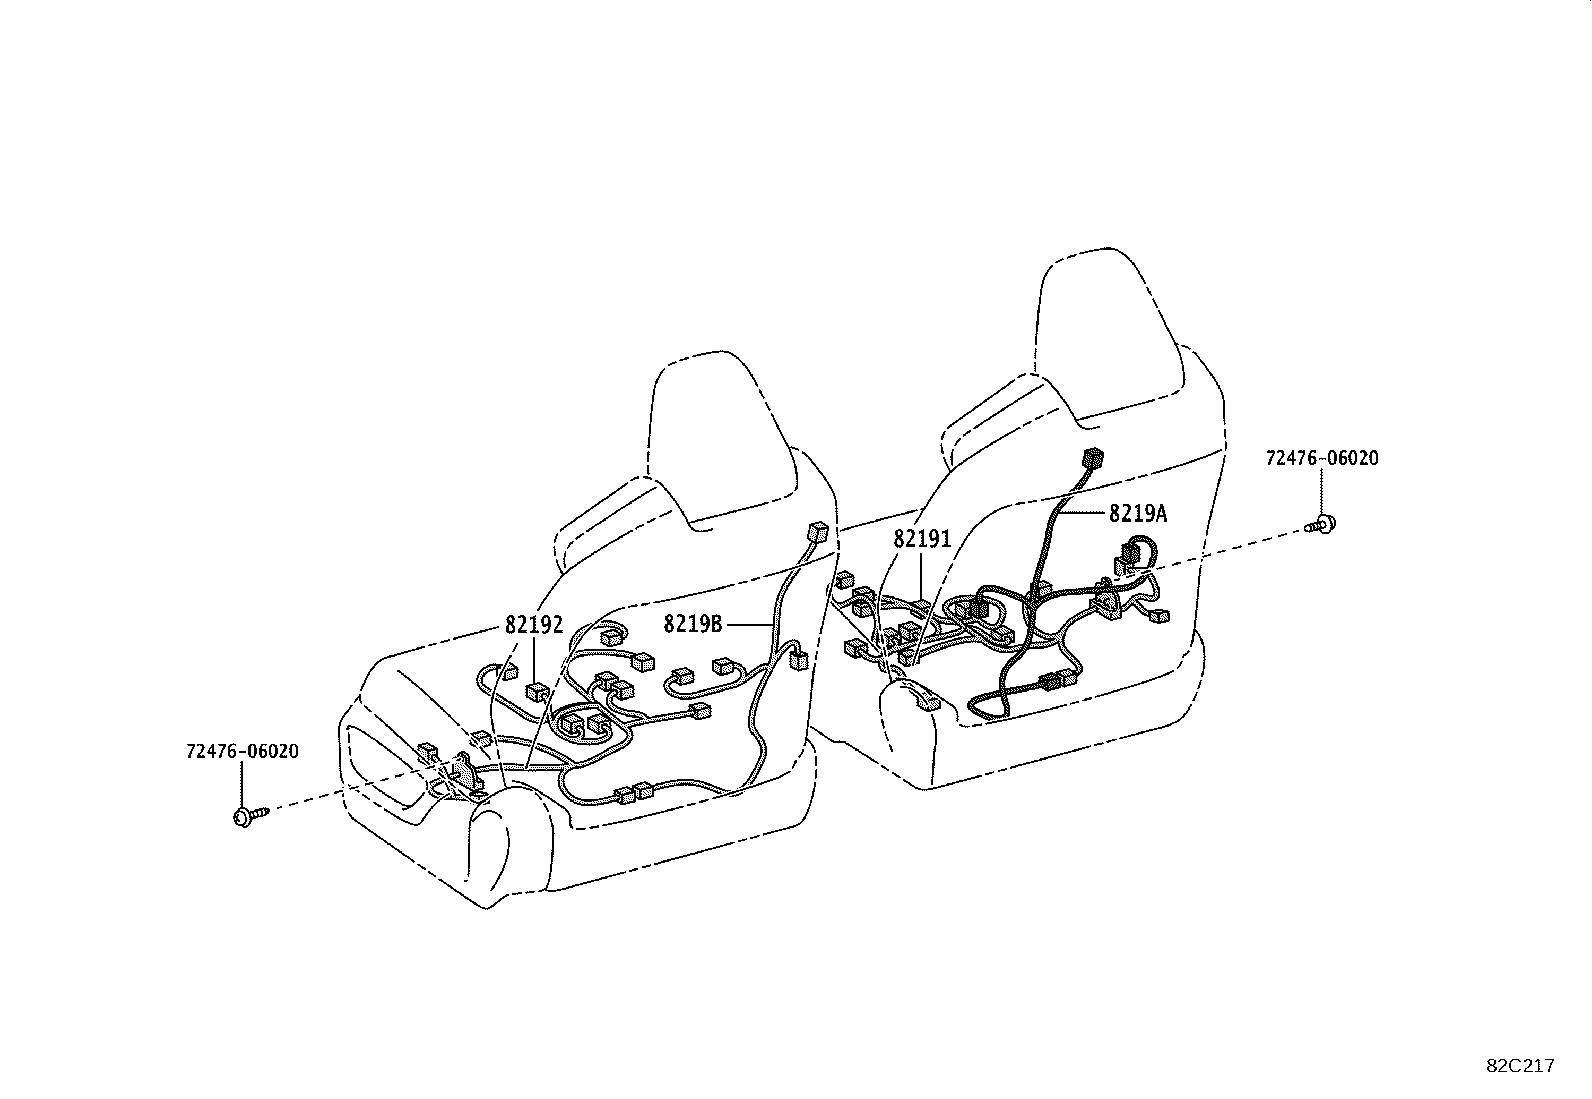 Lexus Es 300h Door Wiring Harness Right Front